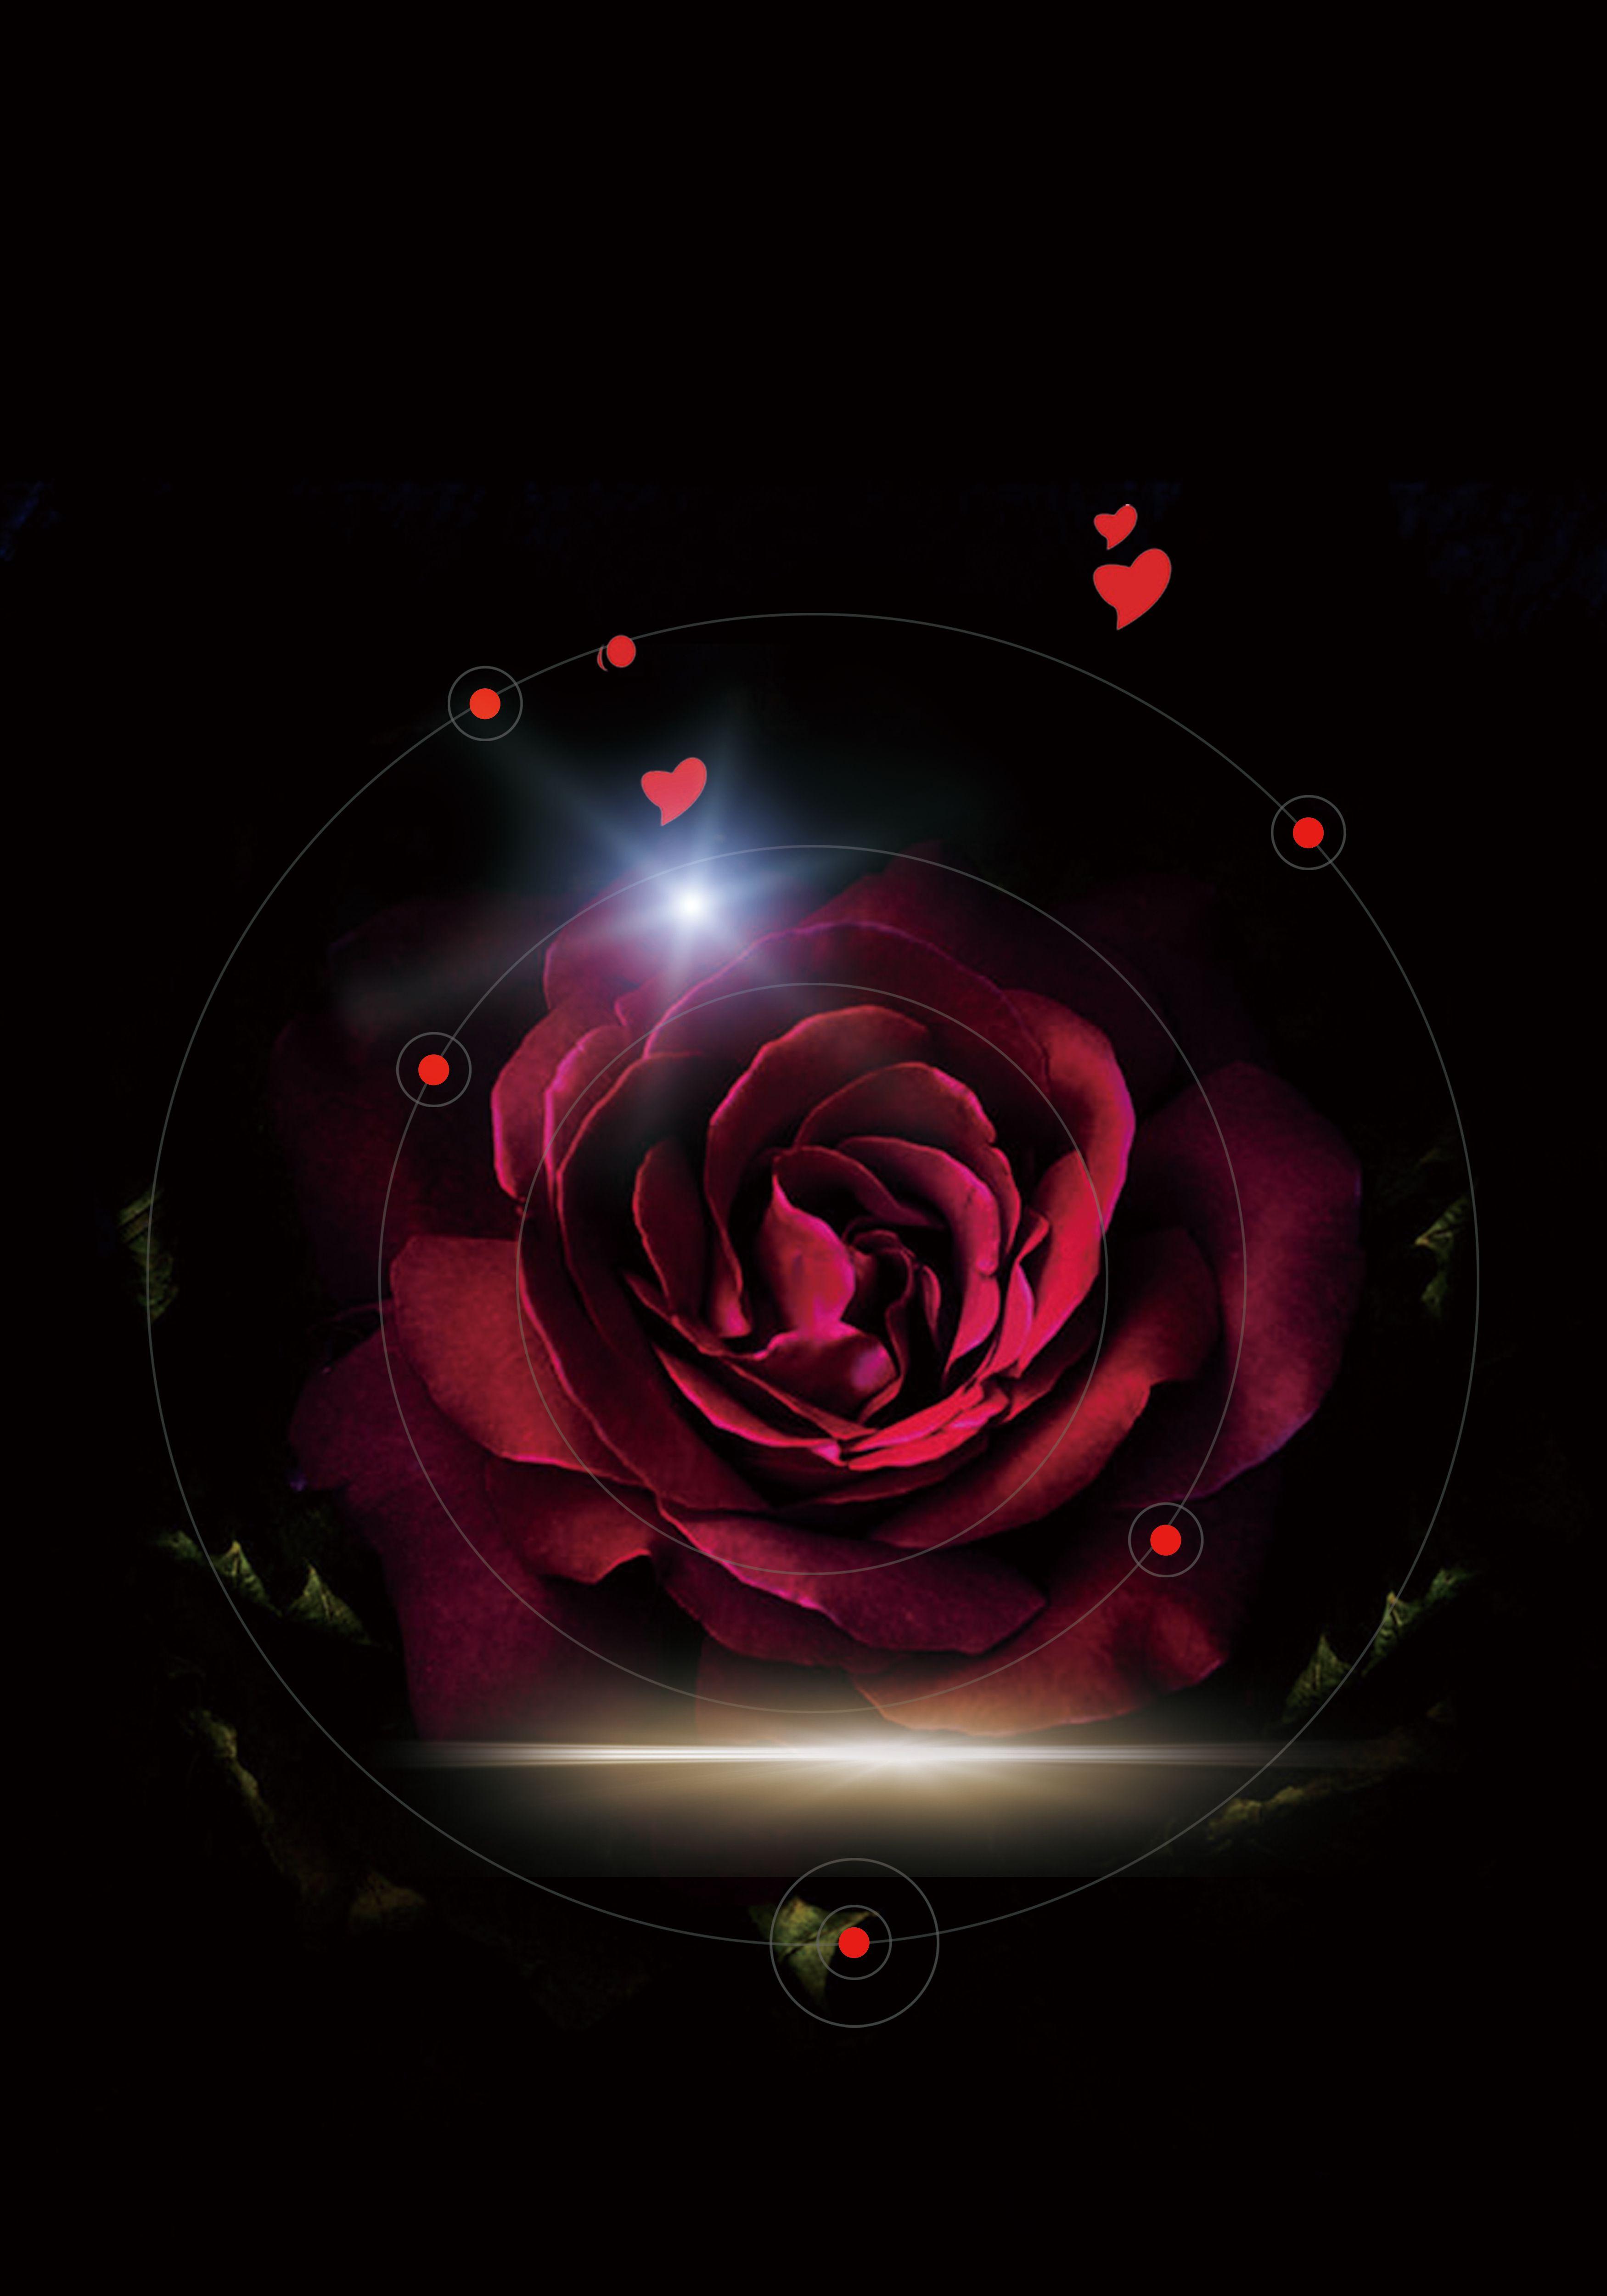 Fantasy Rose Black Background Black Background Wallpaper Red And Black Wallpaper Black Background Images Flower wallpapers full hd fantasy